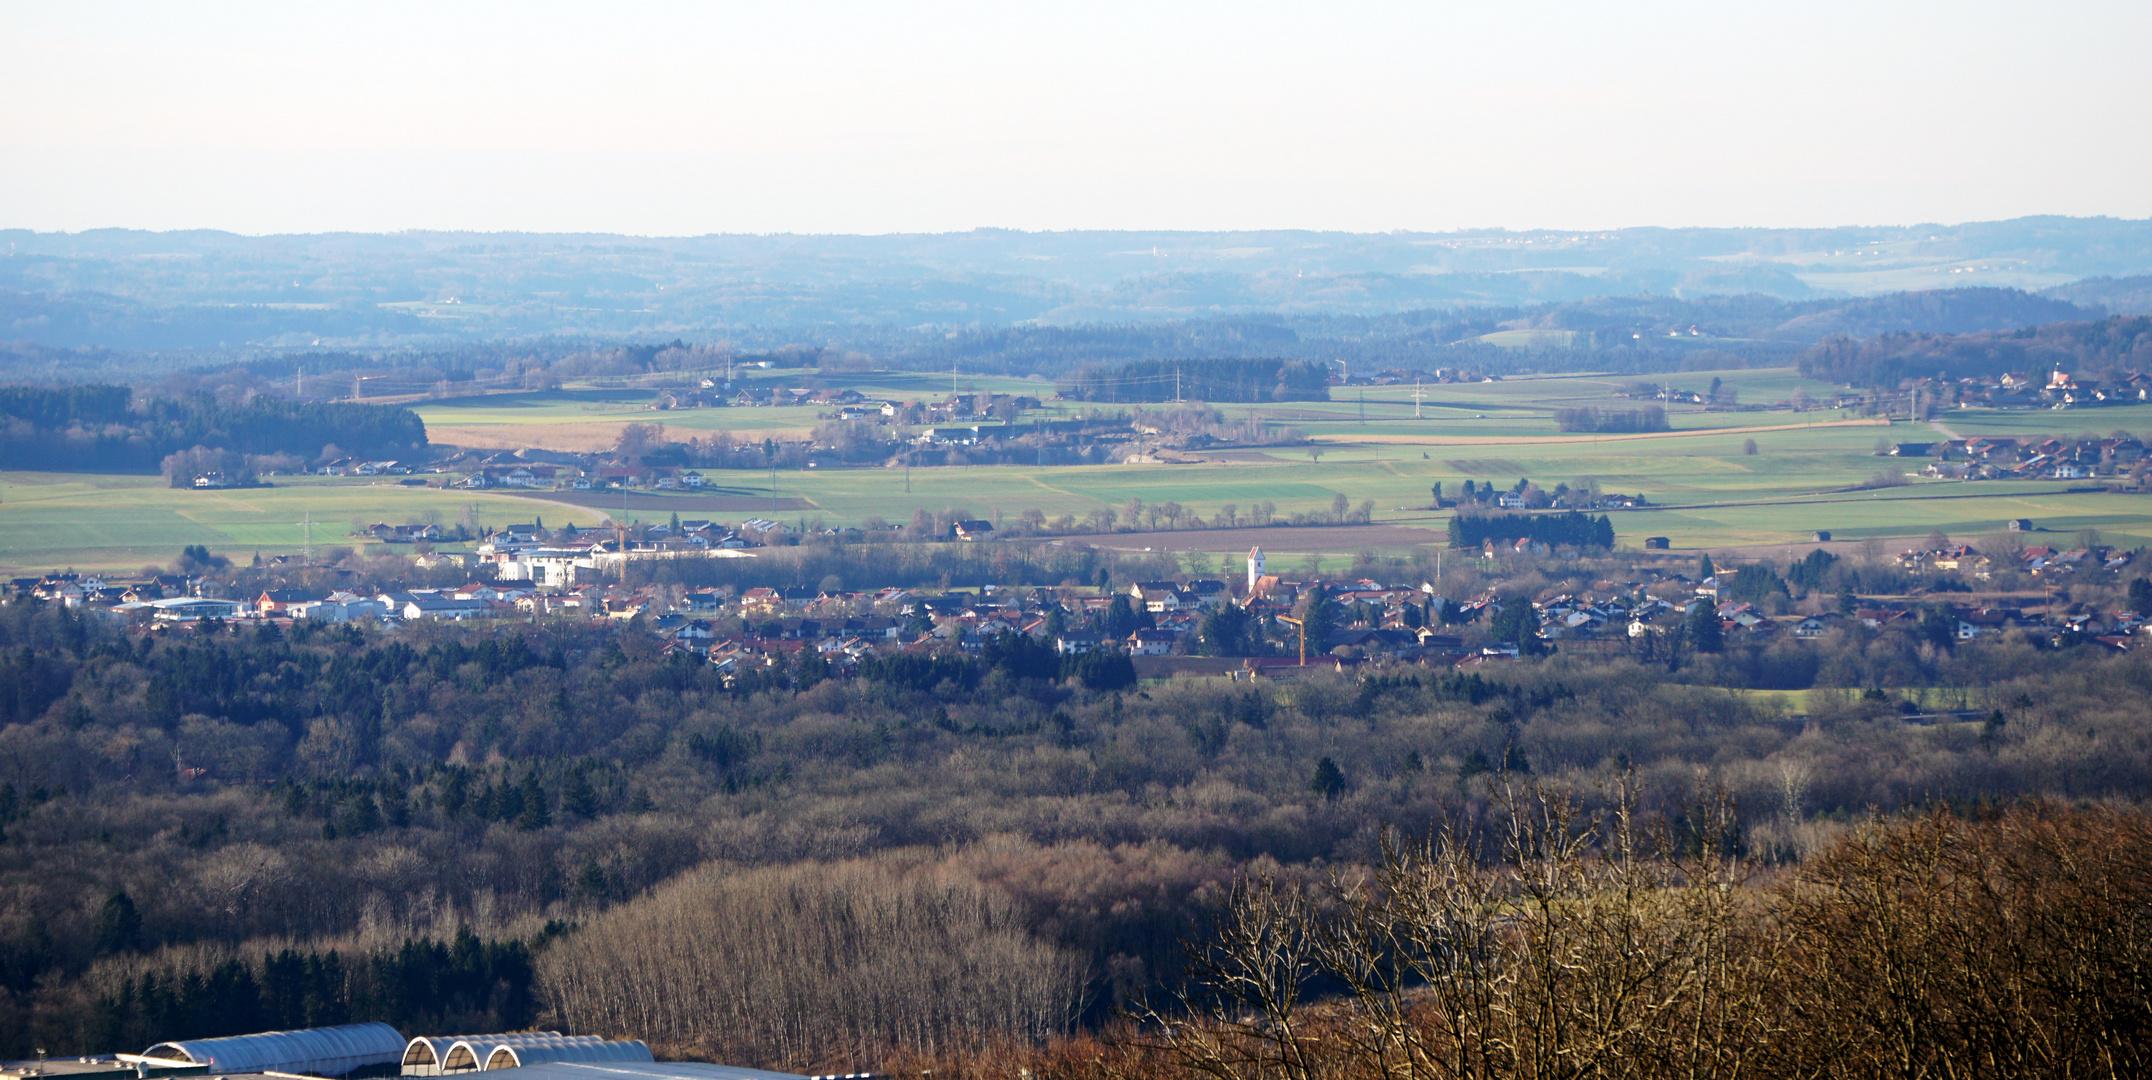 Surheim, Ansicht vom Korbgut, Voggenberg, Bergheim